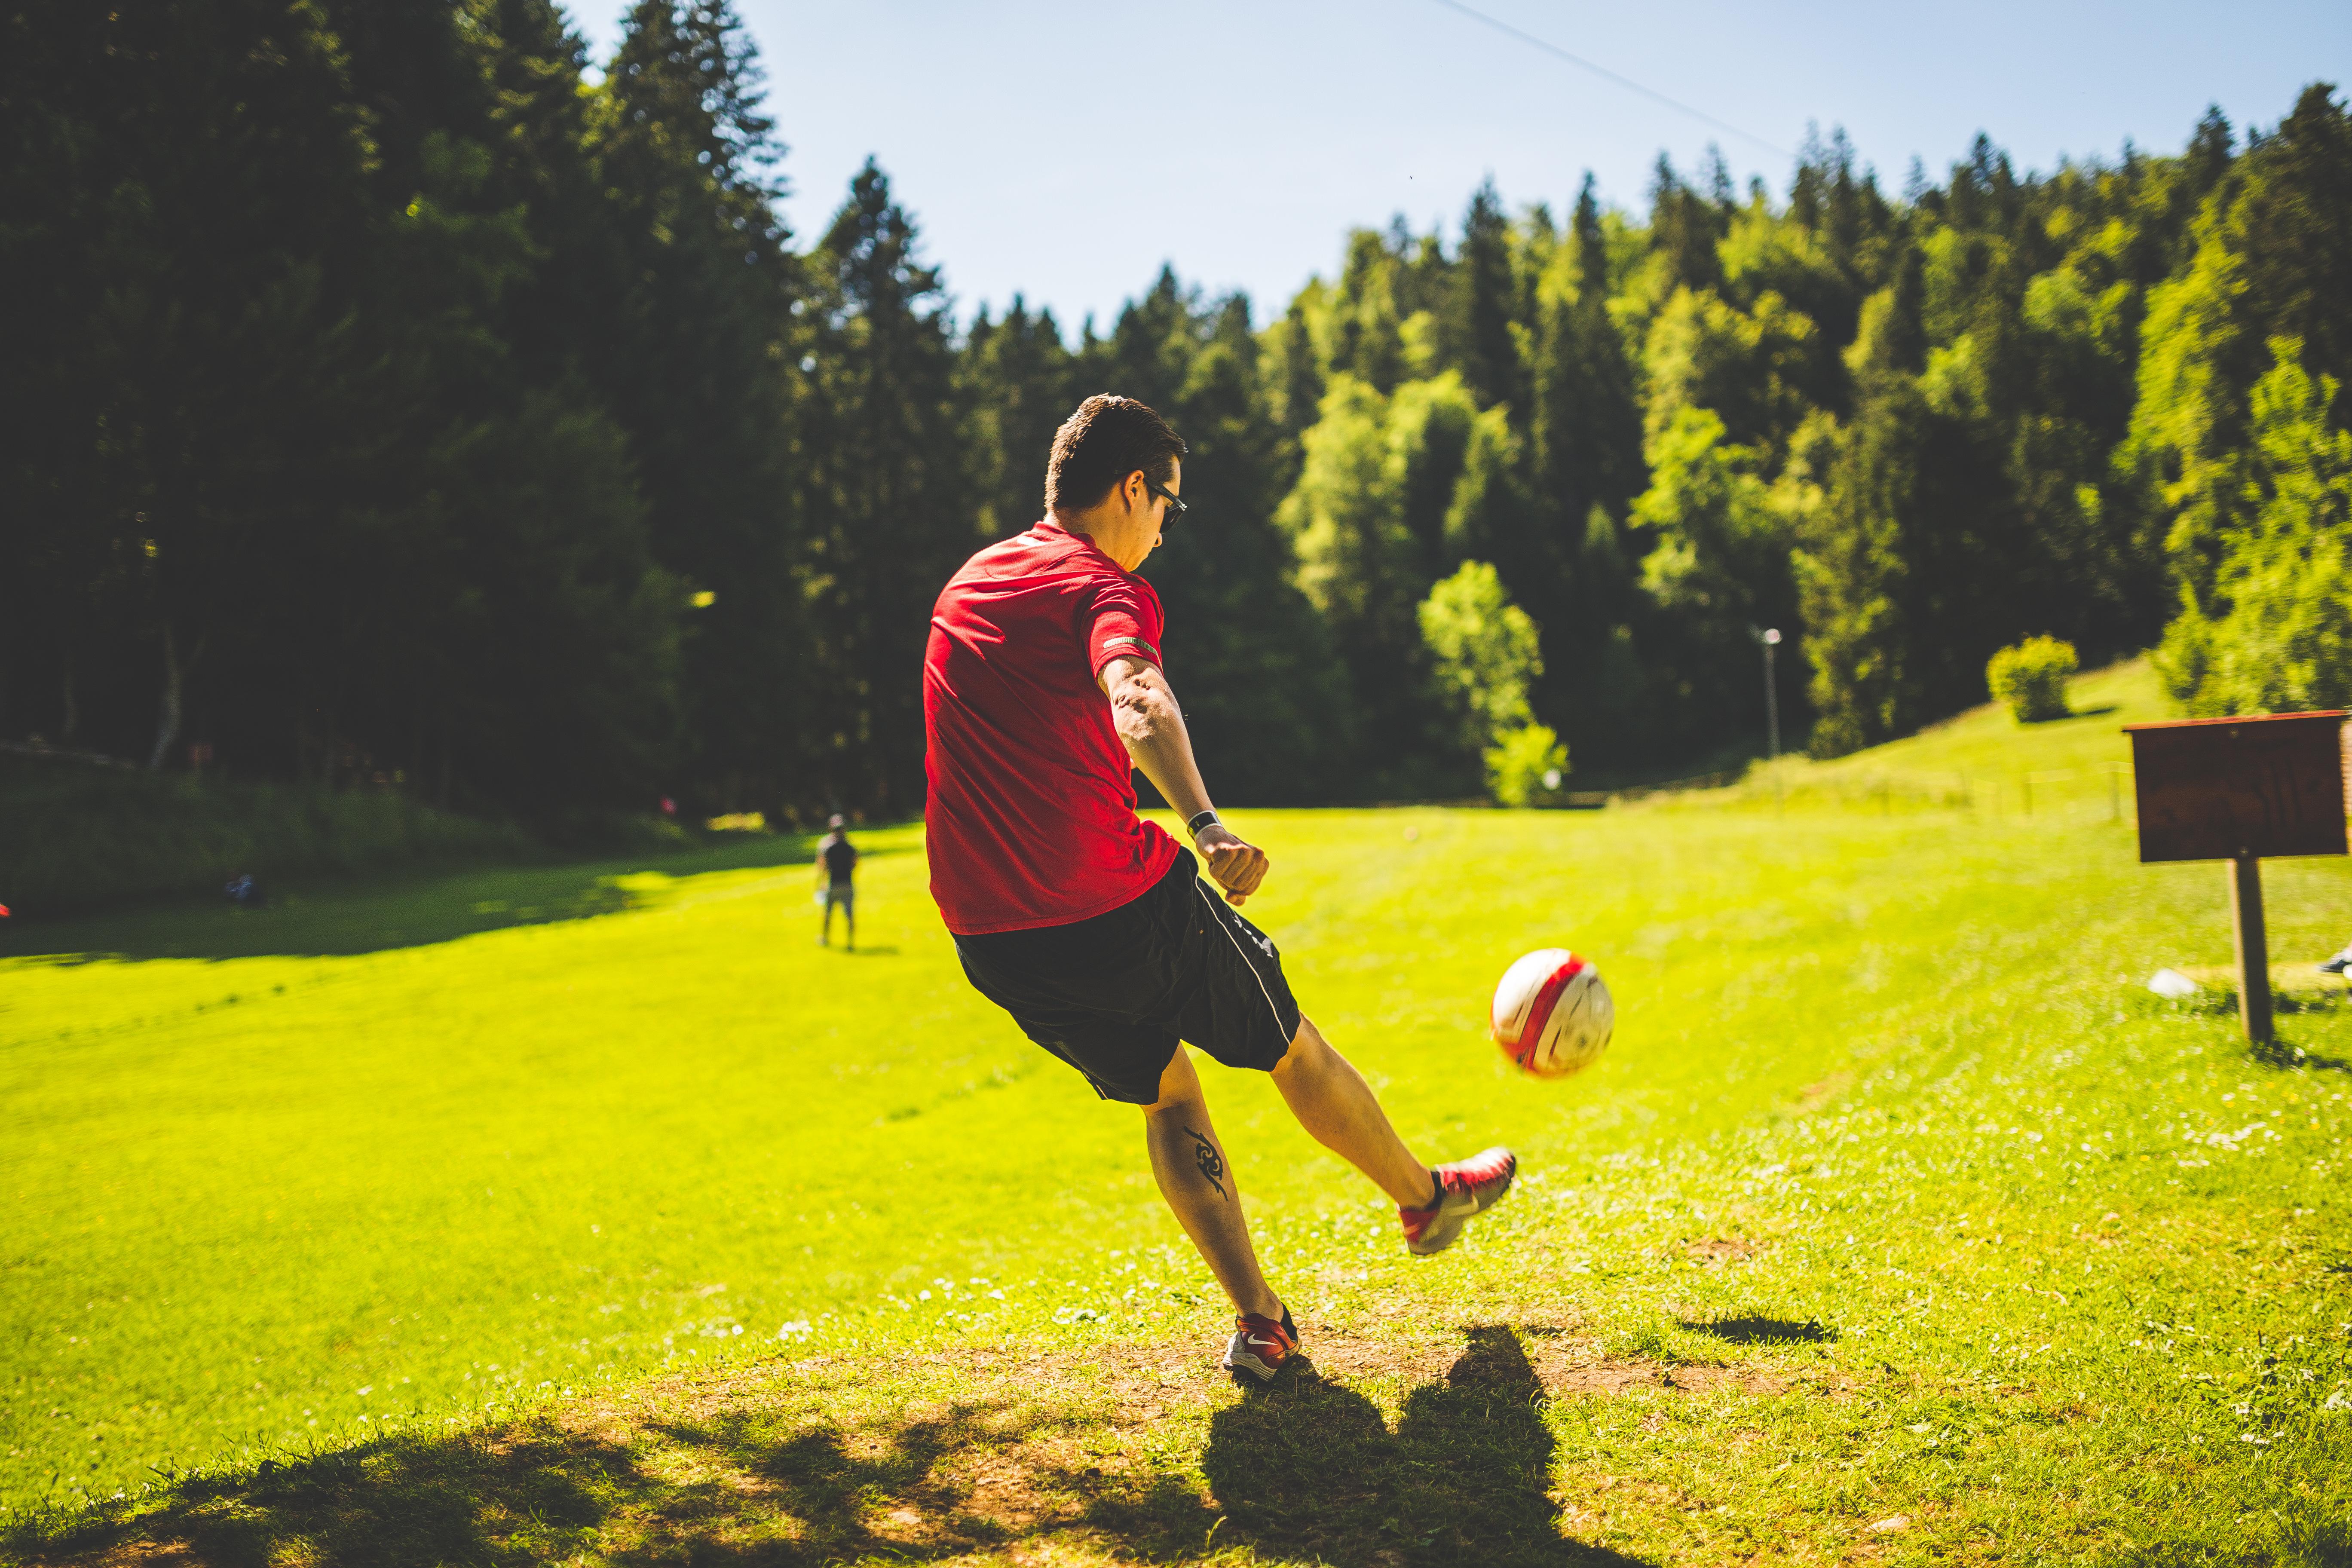 andres iniesta footballer